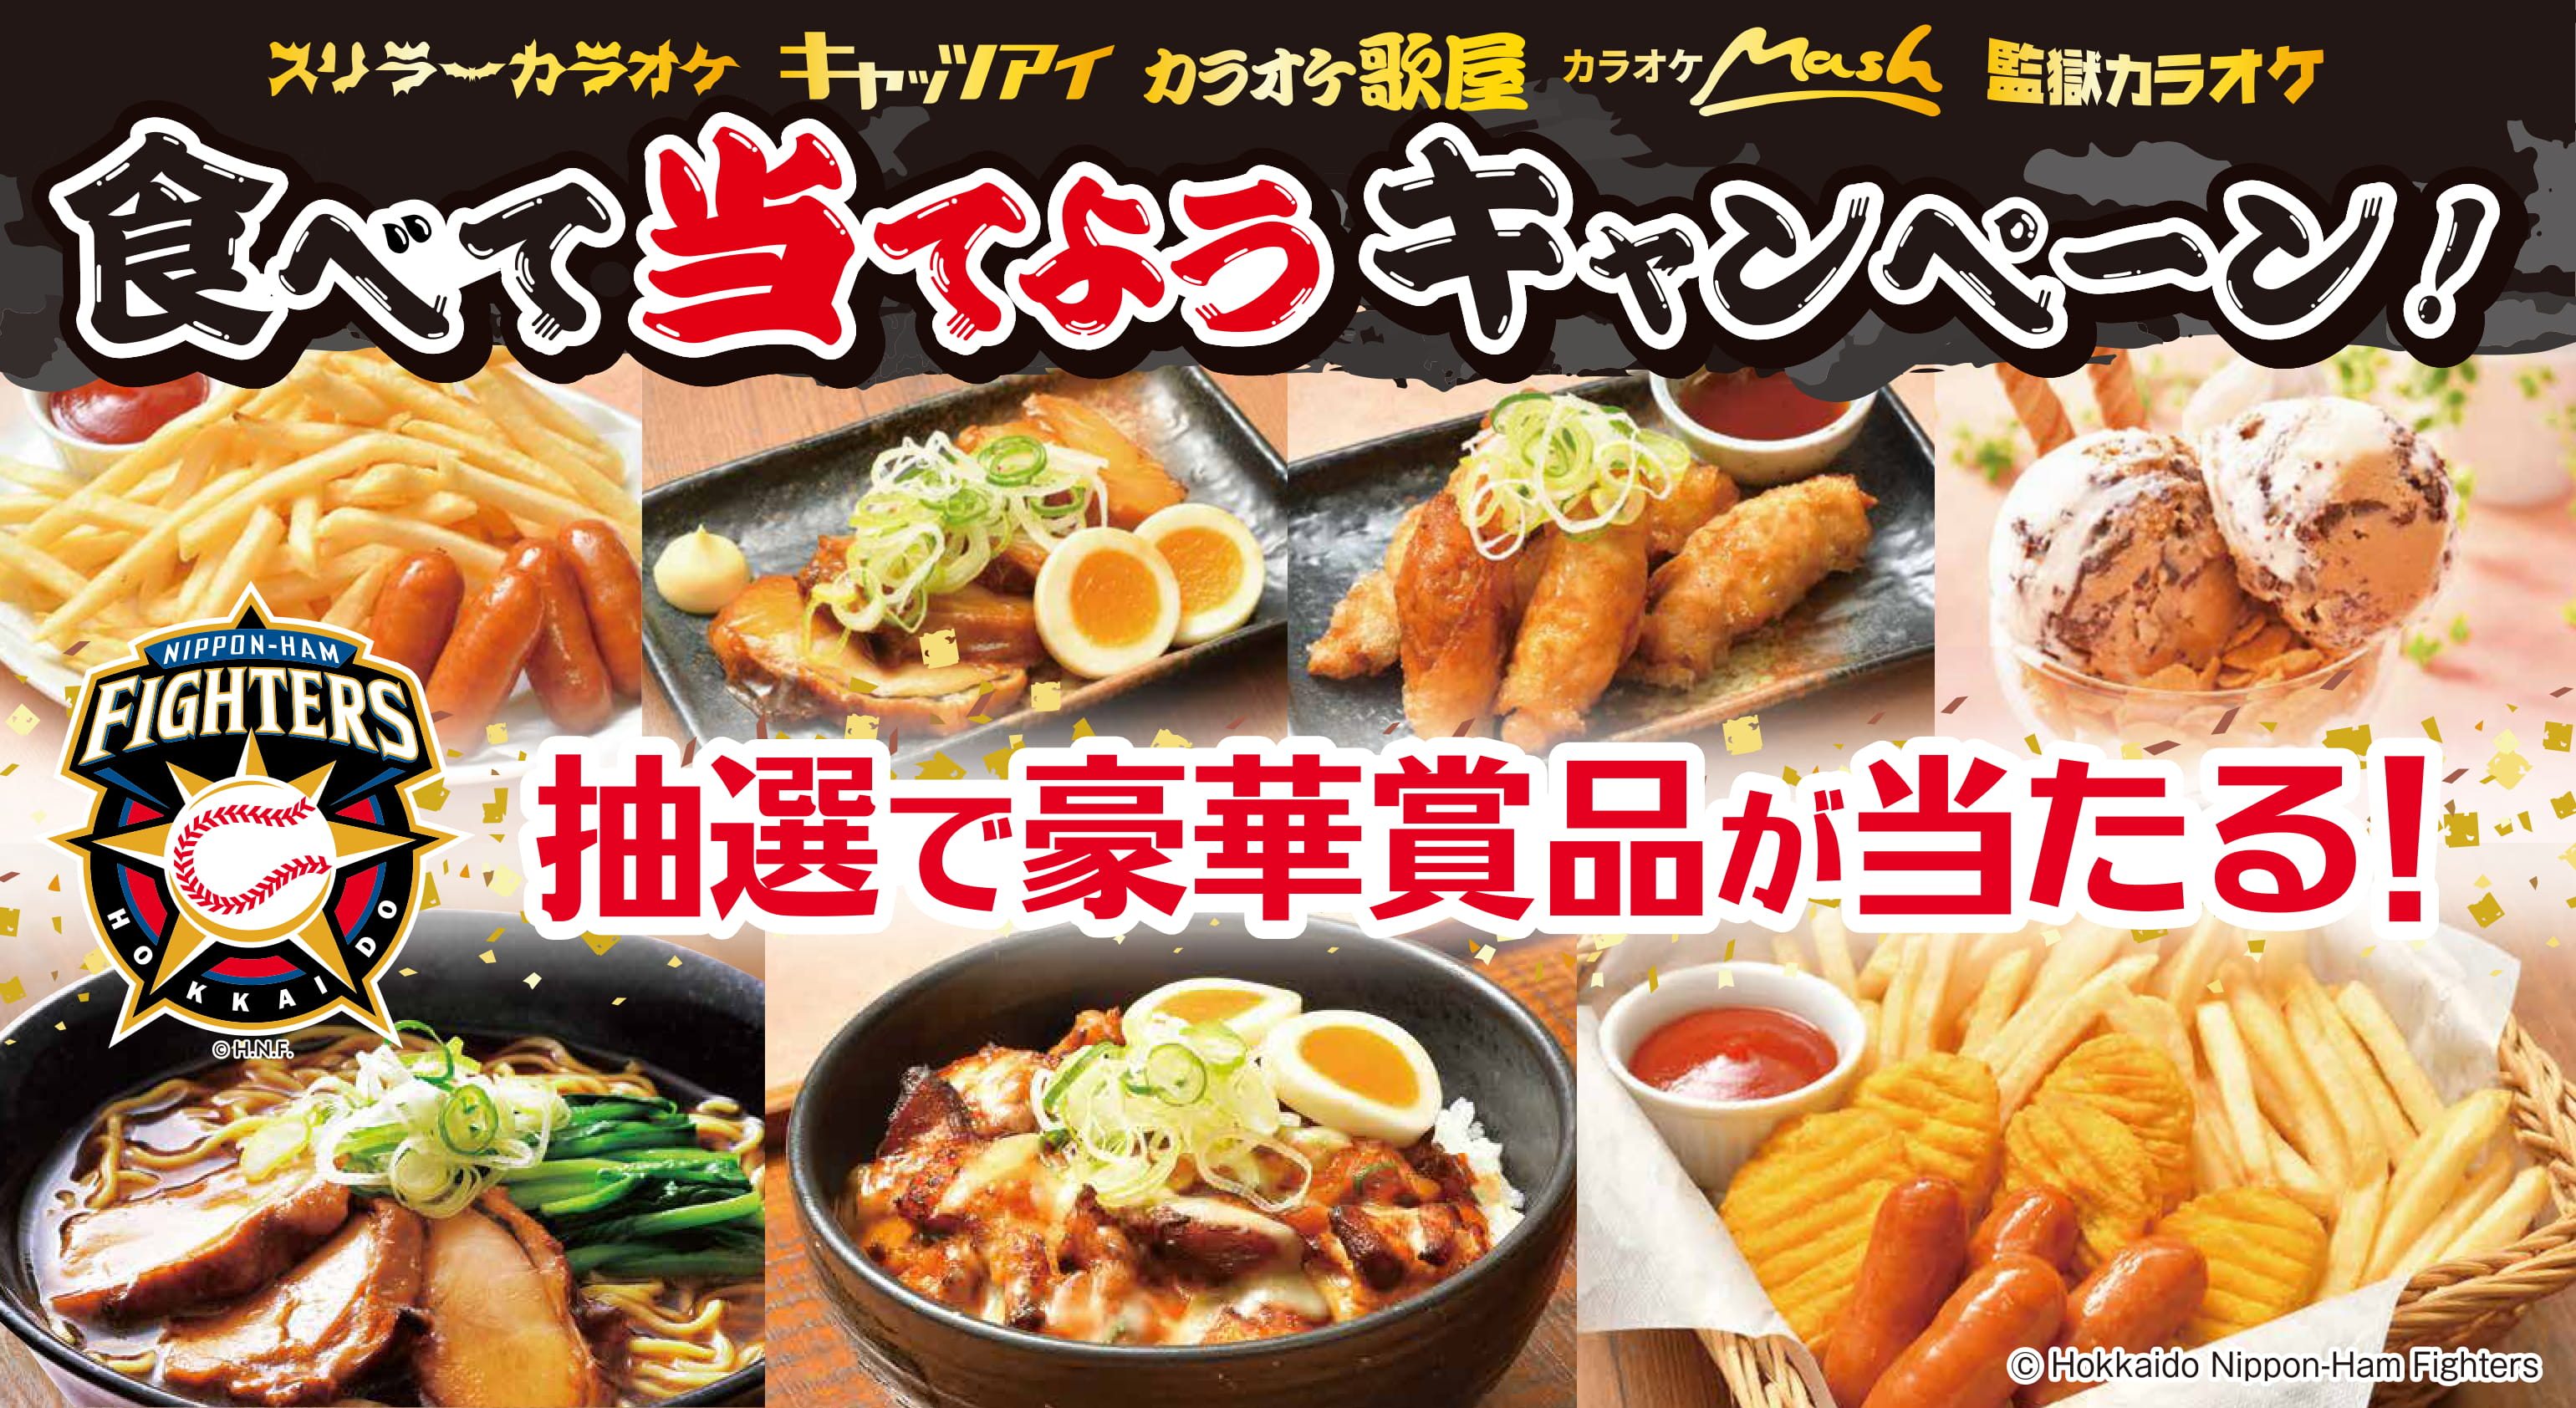 【2021年夏季限定】食べて当てようキャンペーン北海道日本ハムファイターズフェア開催!